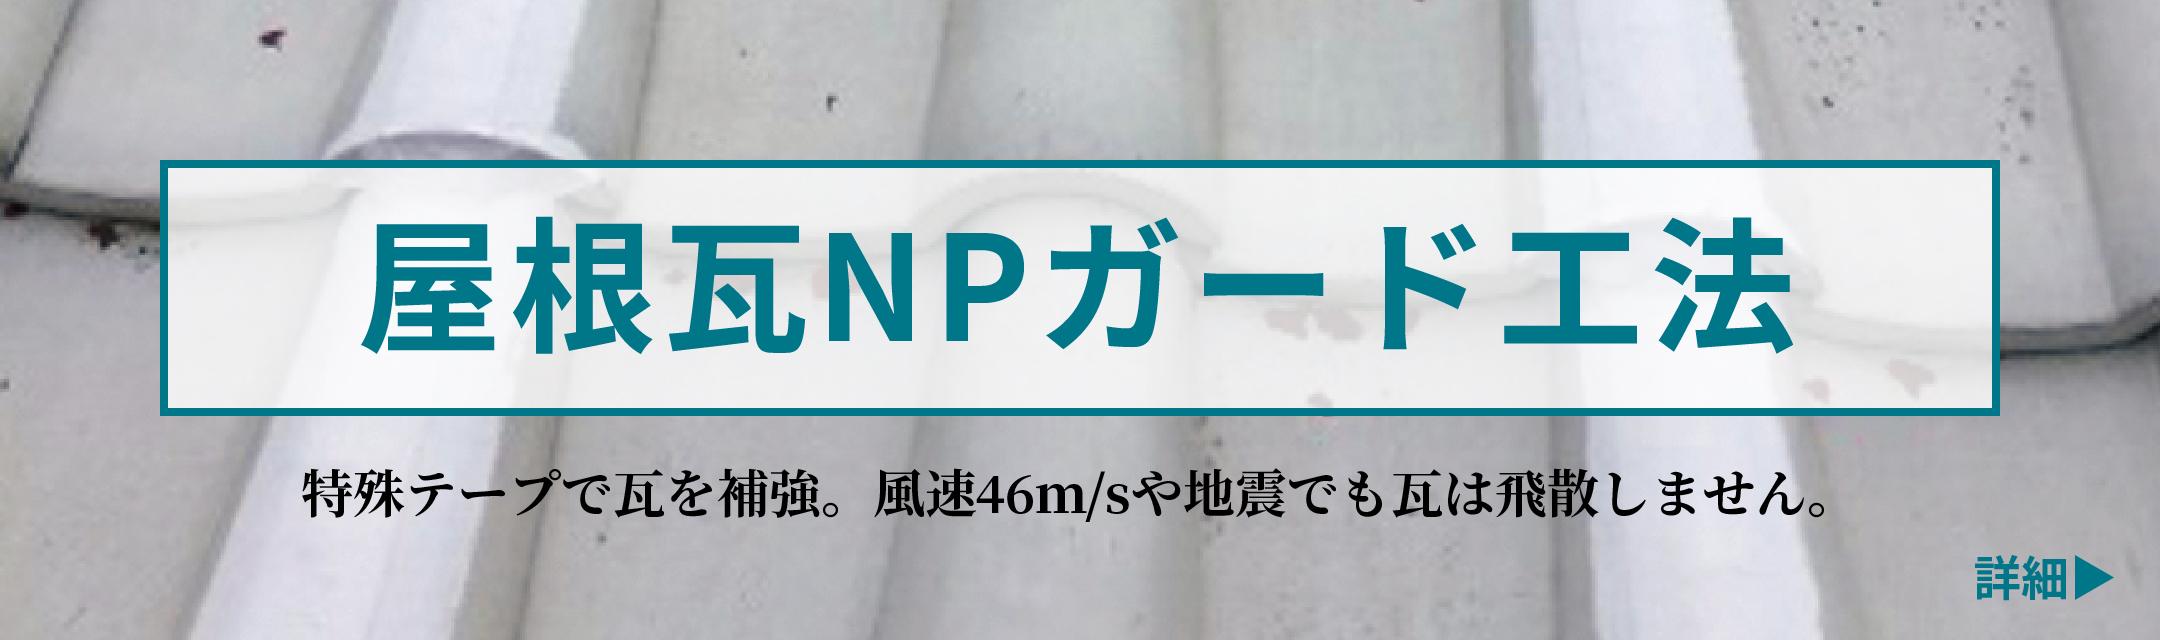 屋根瓦NPガード工法 特殊強力テープで、風速46m/sでも瓦は飛散しません。